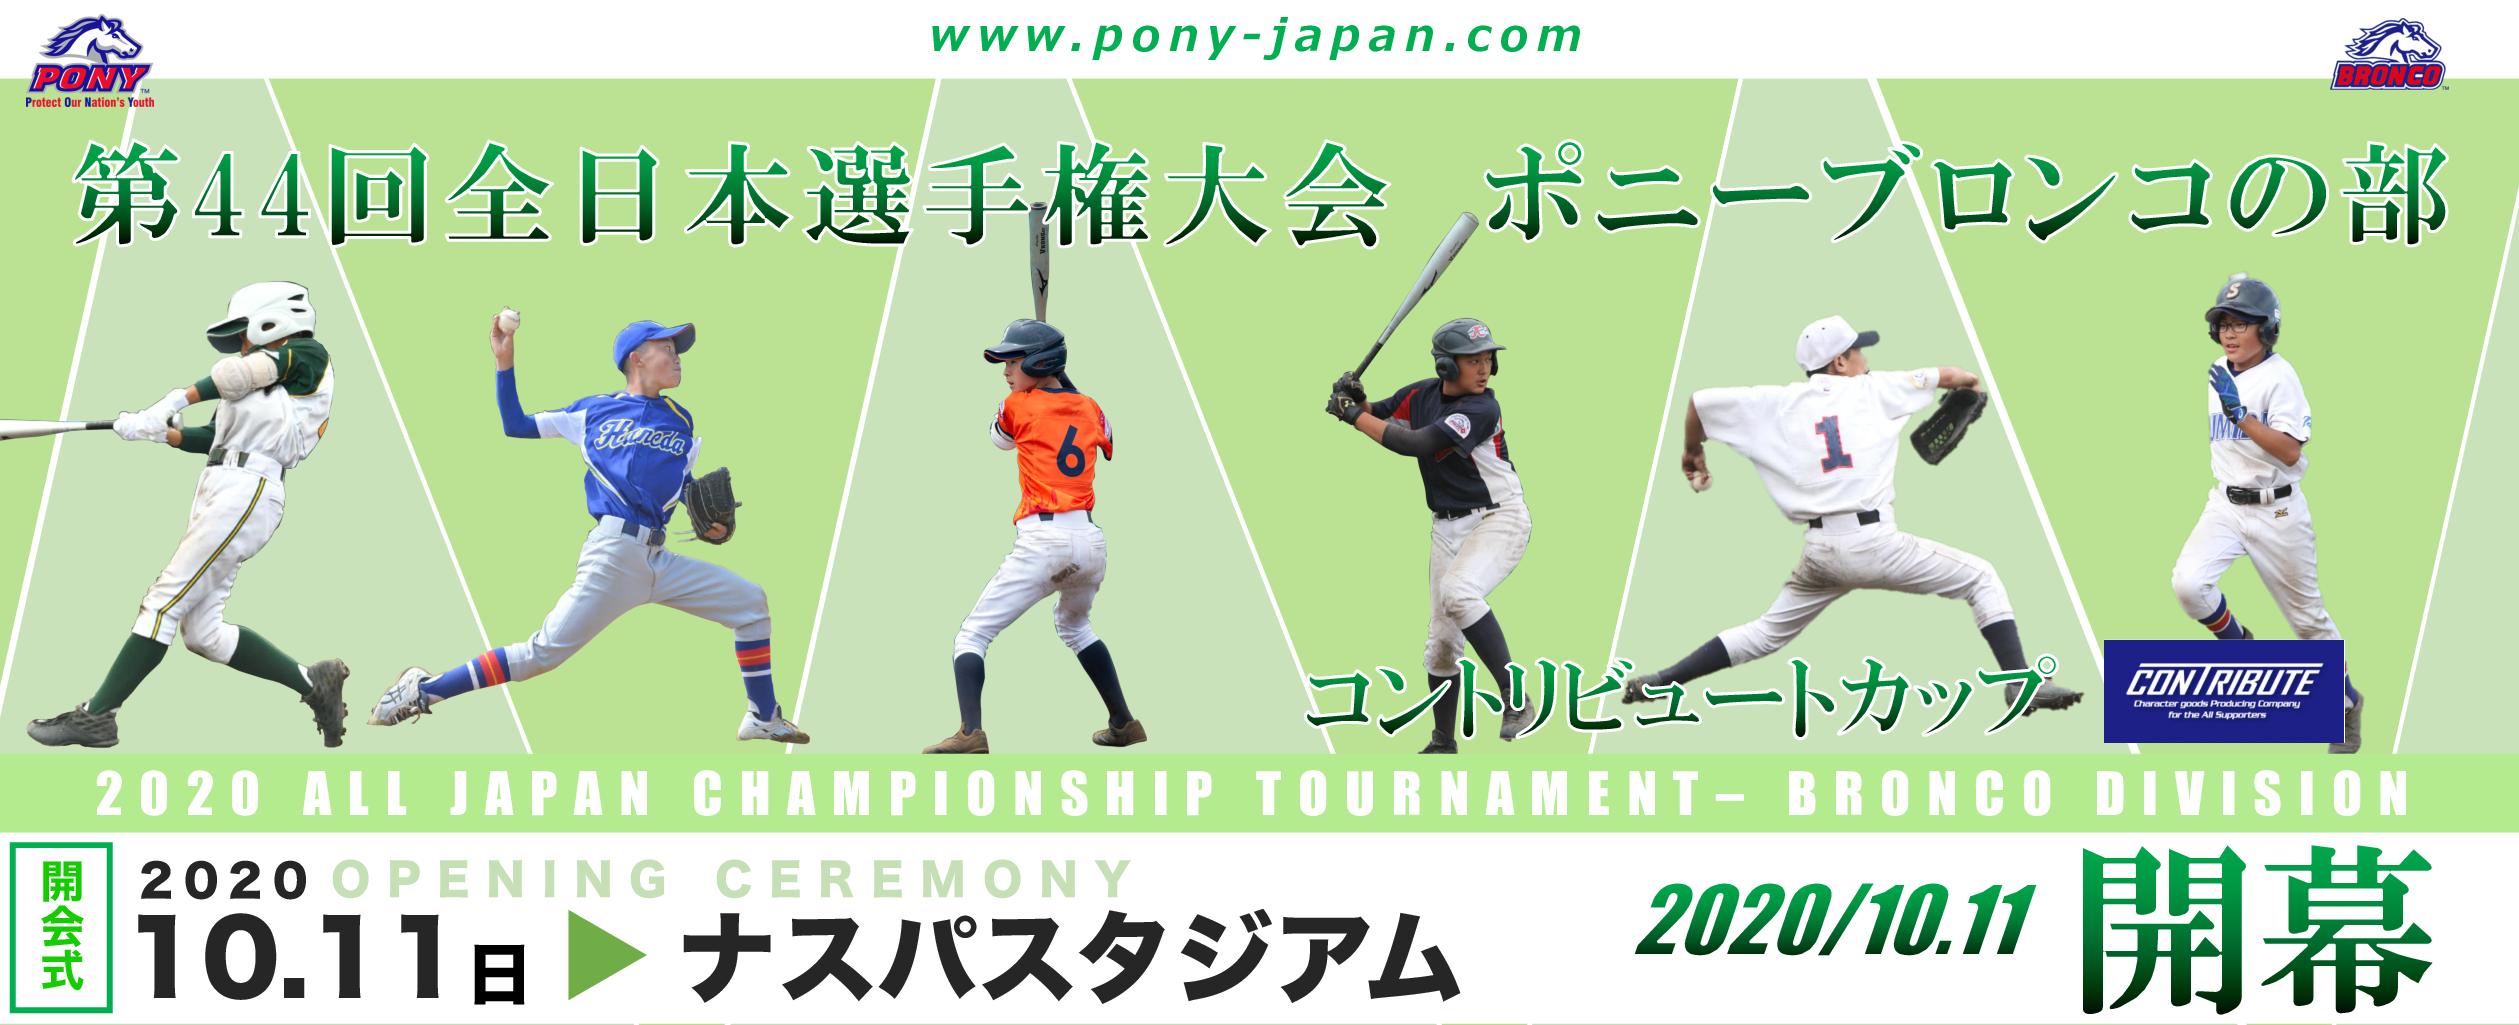 コントリビュートカップ 第44回 全日本選手権大会ポニーブロンコの部